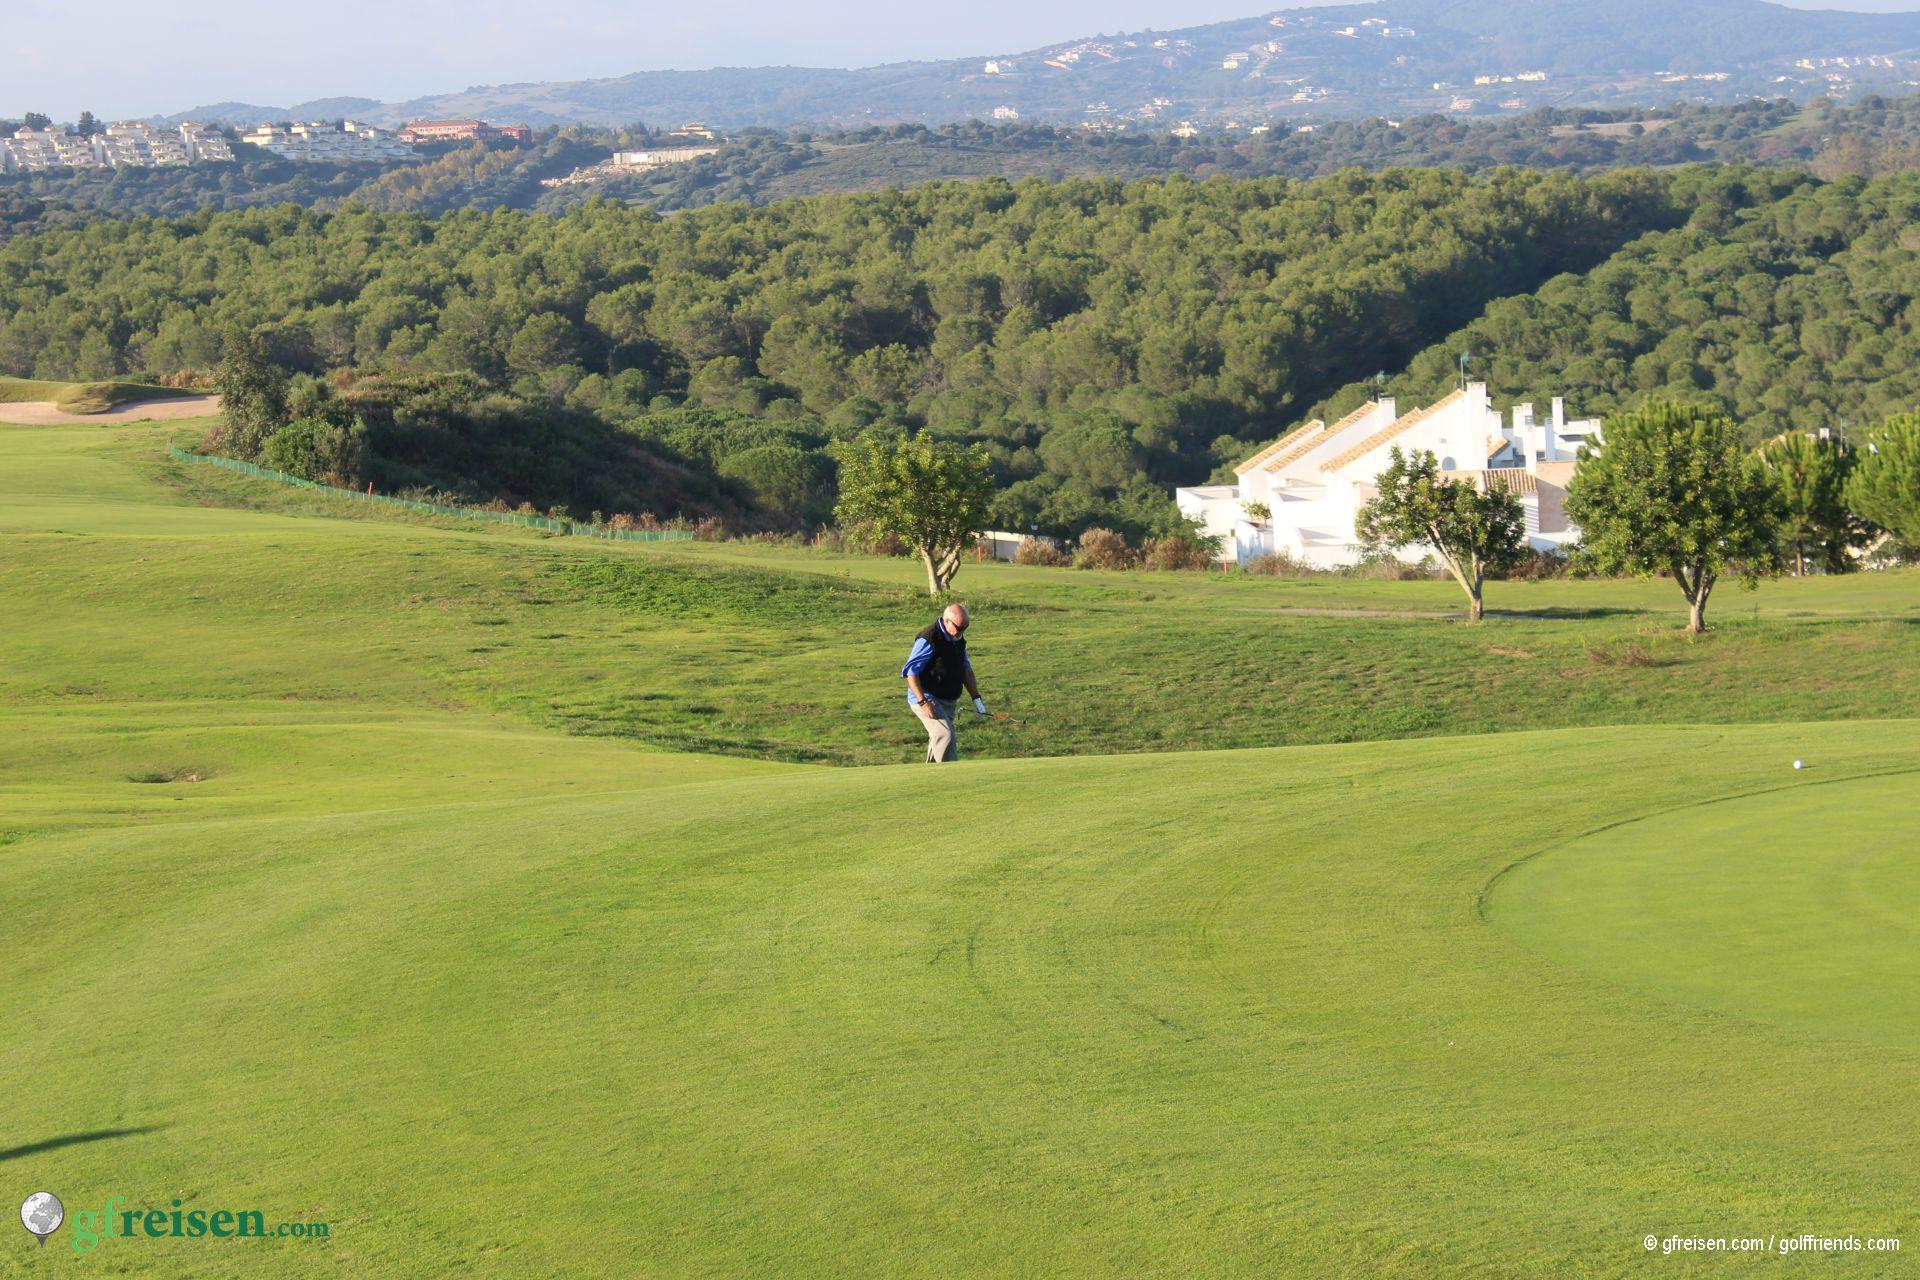 Sicht auf das Loch 18 des Heathland Courses